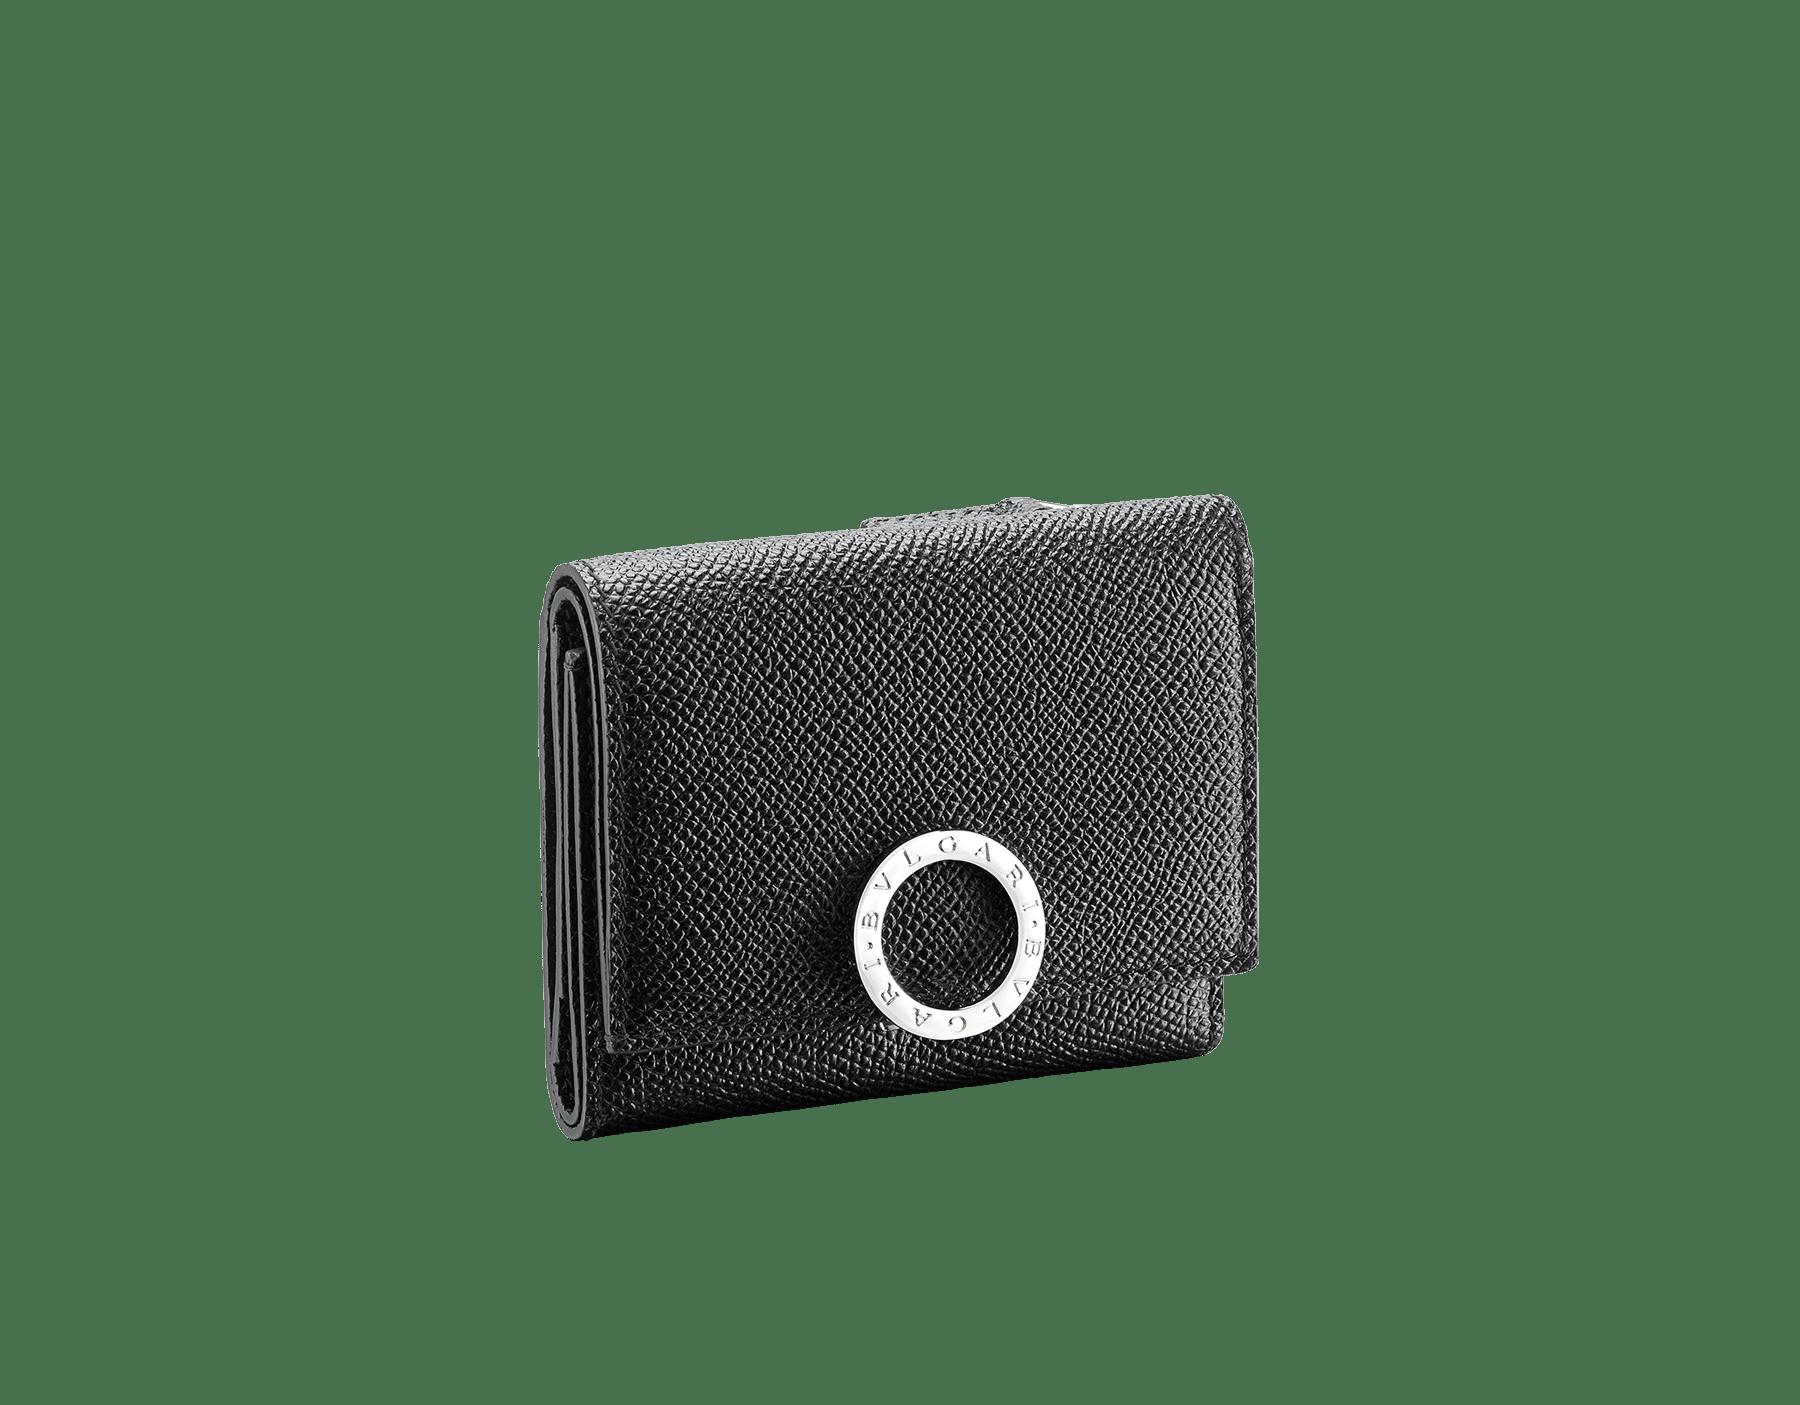 ブラックのグレインカーフレザー製ブルガリ・ブルガリ スリムコンパクトウォレット。ブラスパラジウムプレートのアイコニックなロゴのクロージャークリップ。 289369 image 1